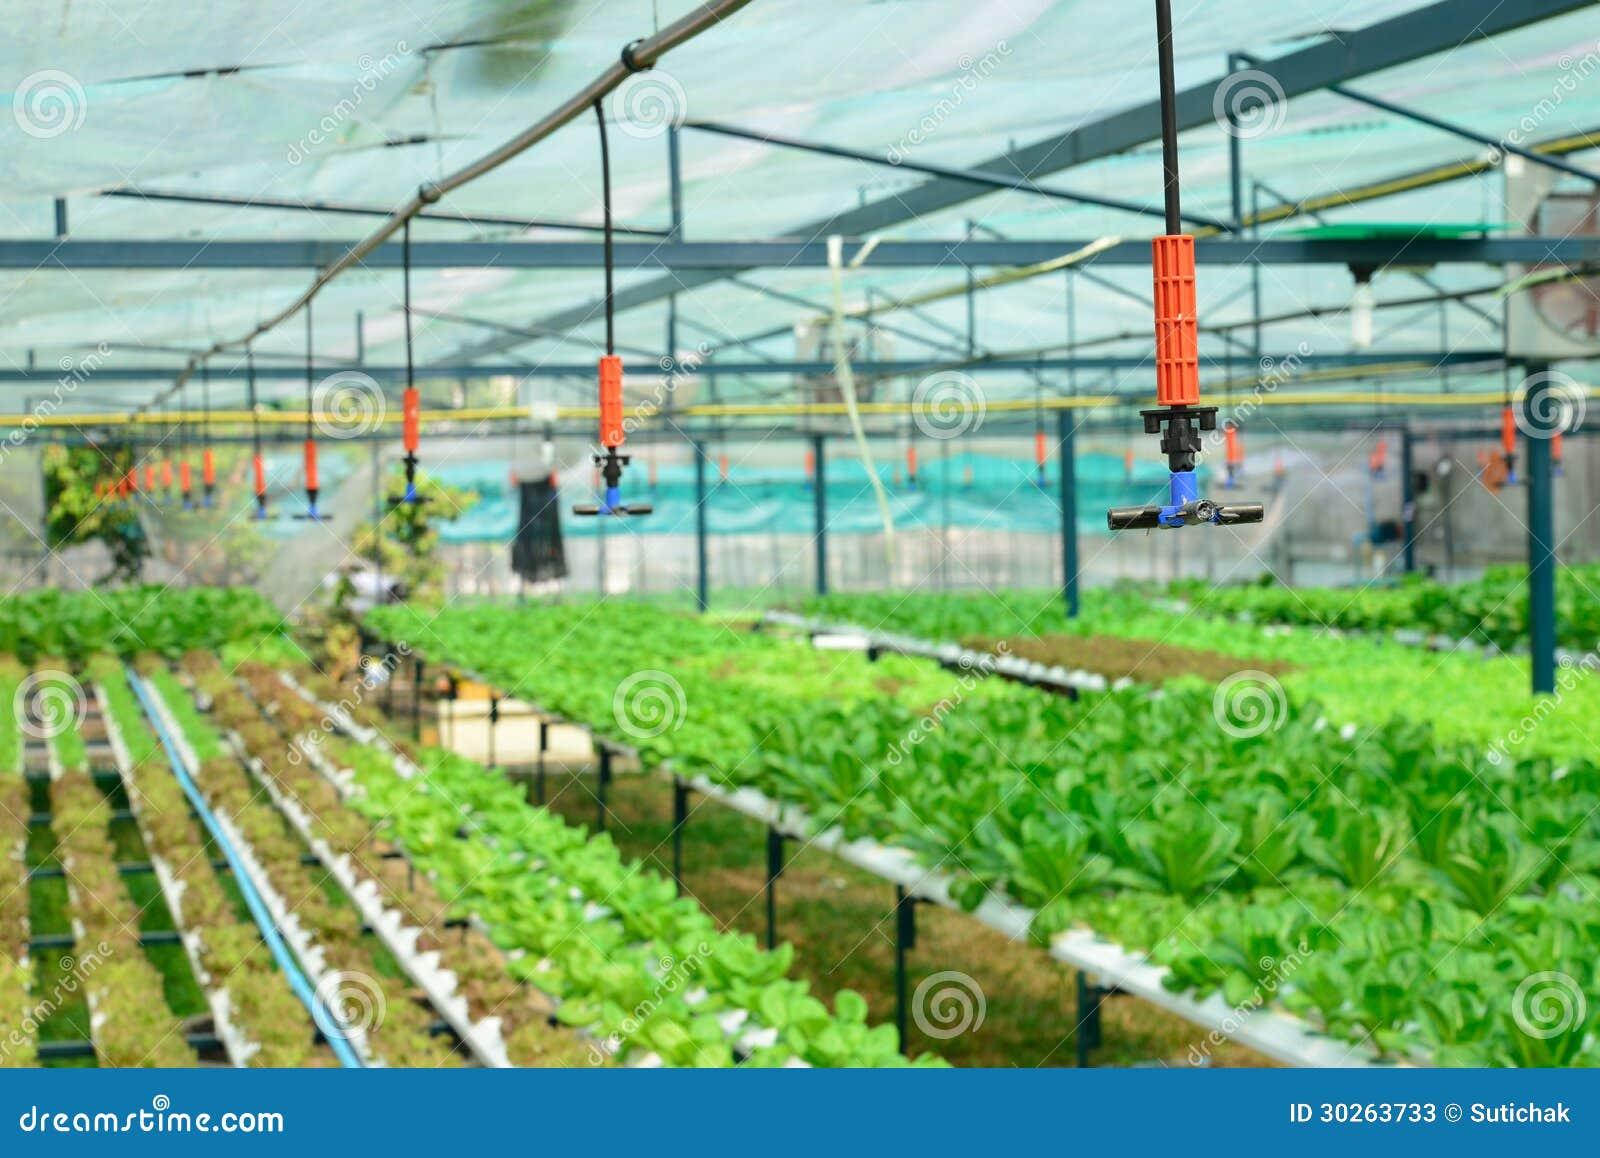 De irrigatie van de sproeier in hydrocultuur plantaardig landbouwbedrijf